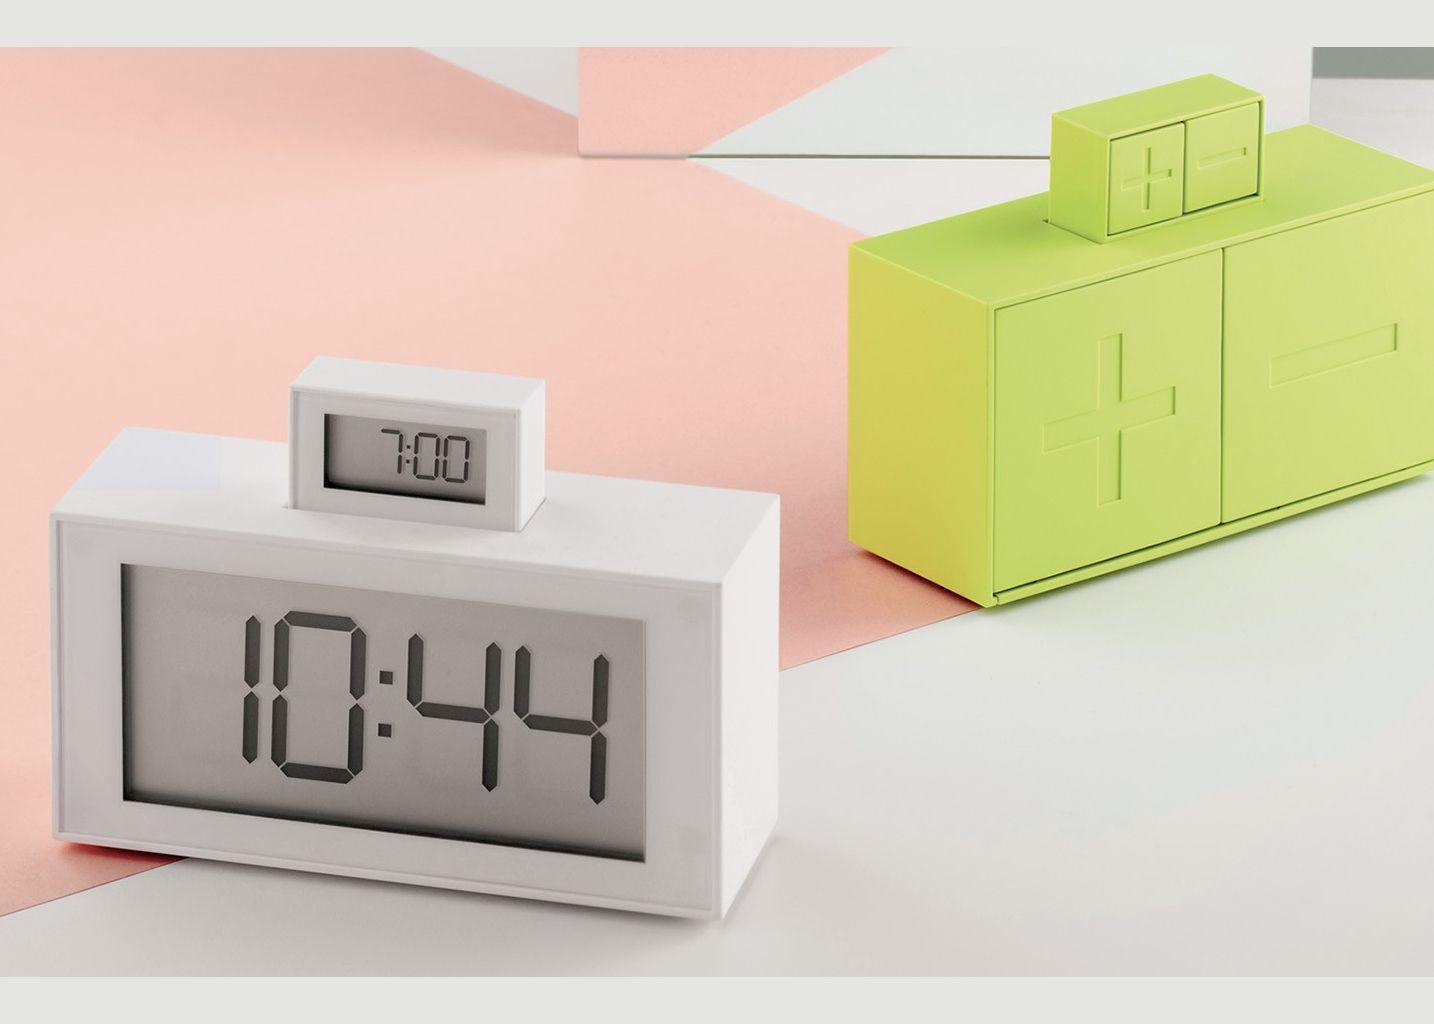 Réveil Inout - Lexon Design